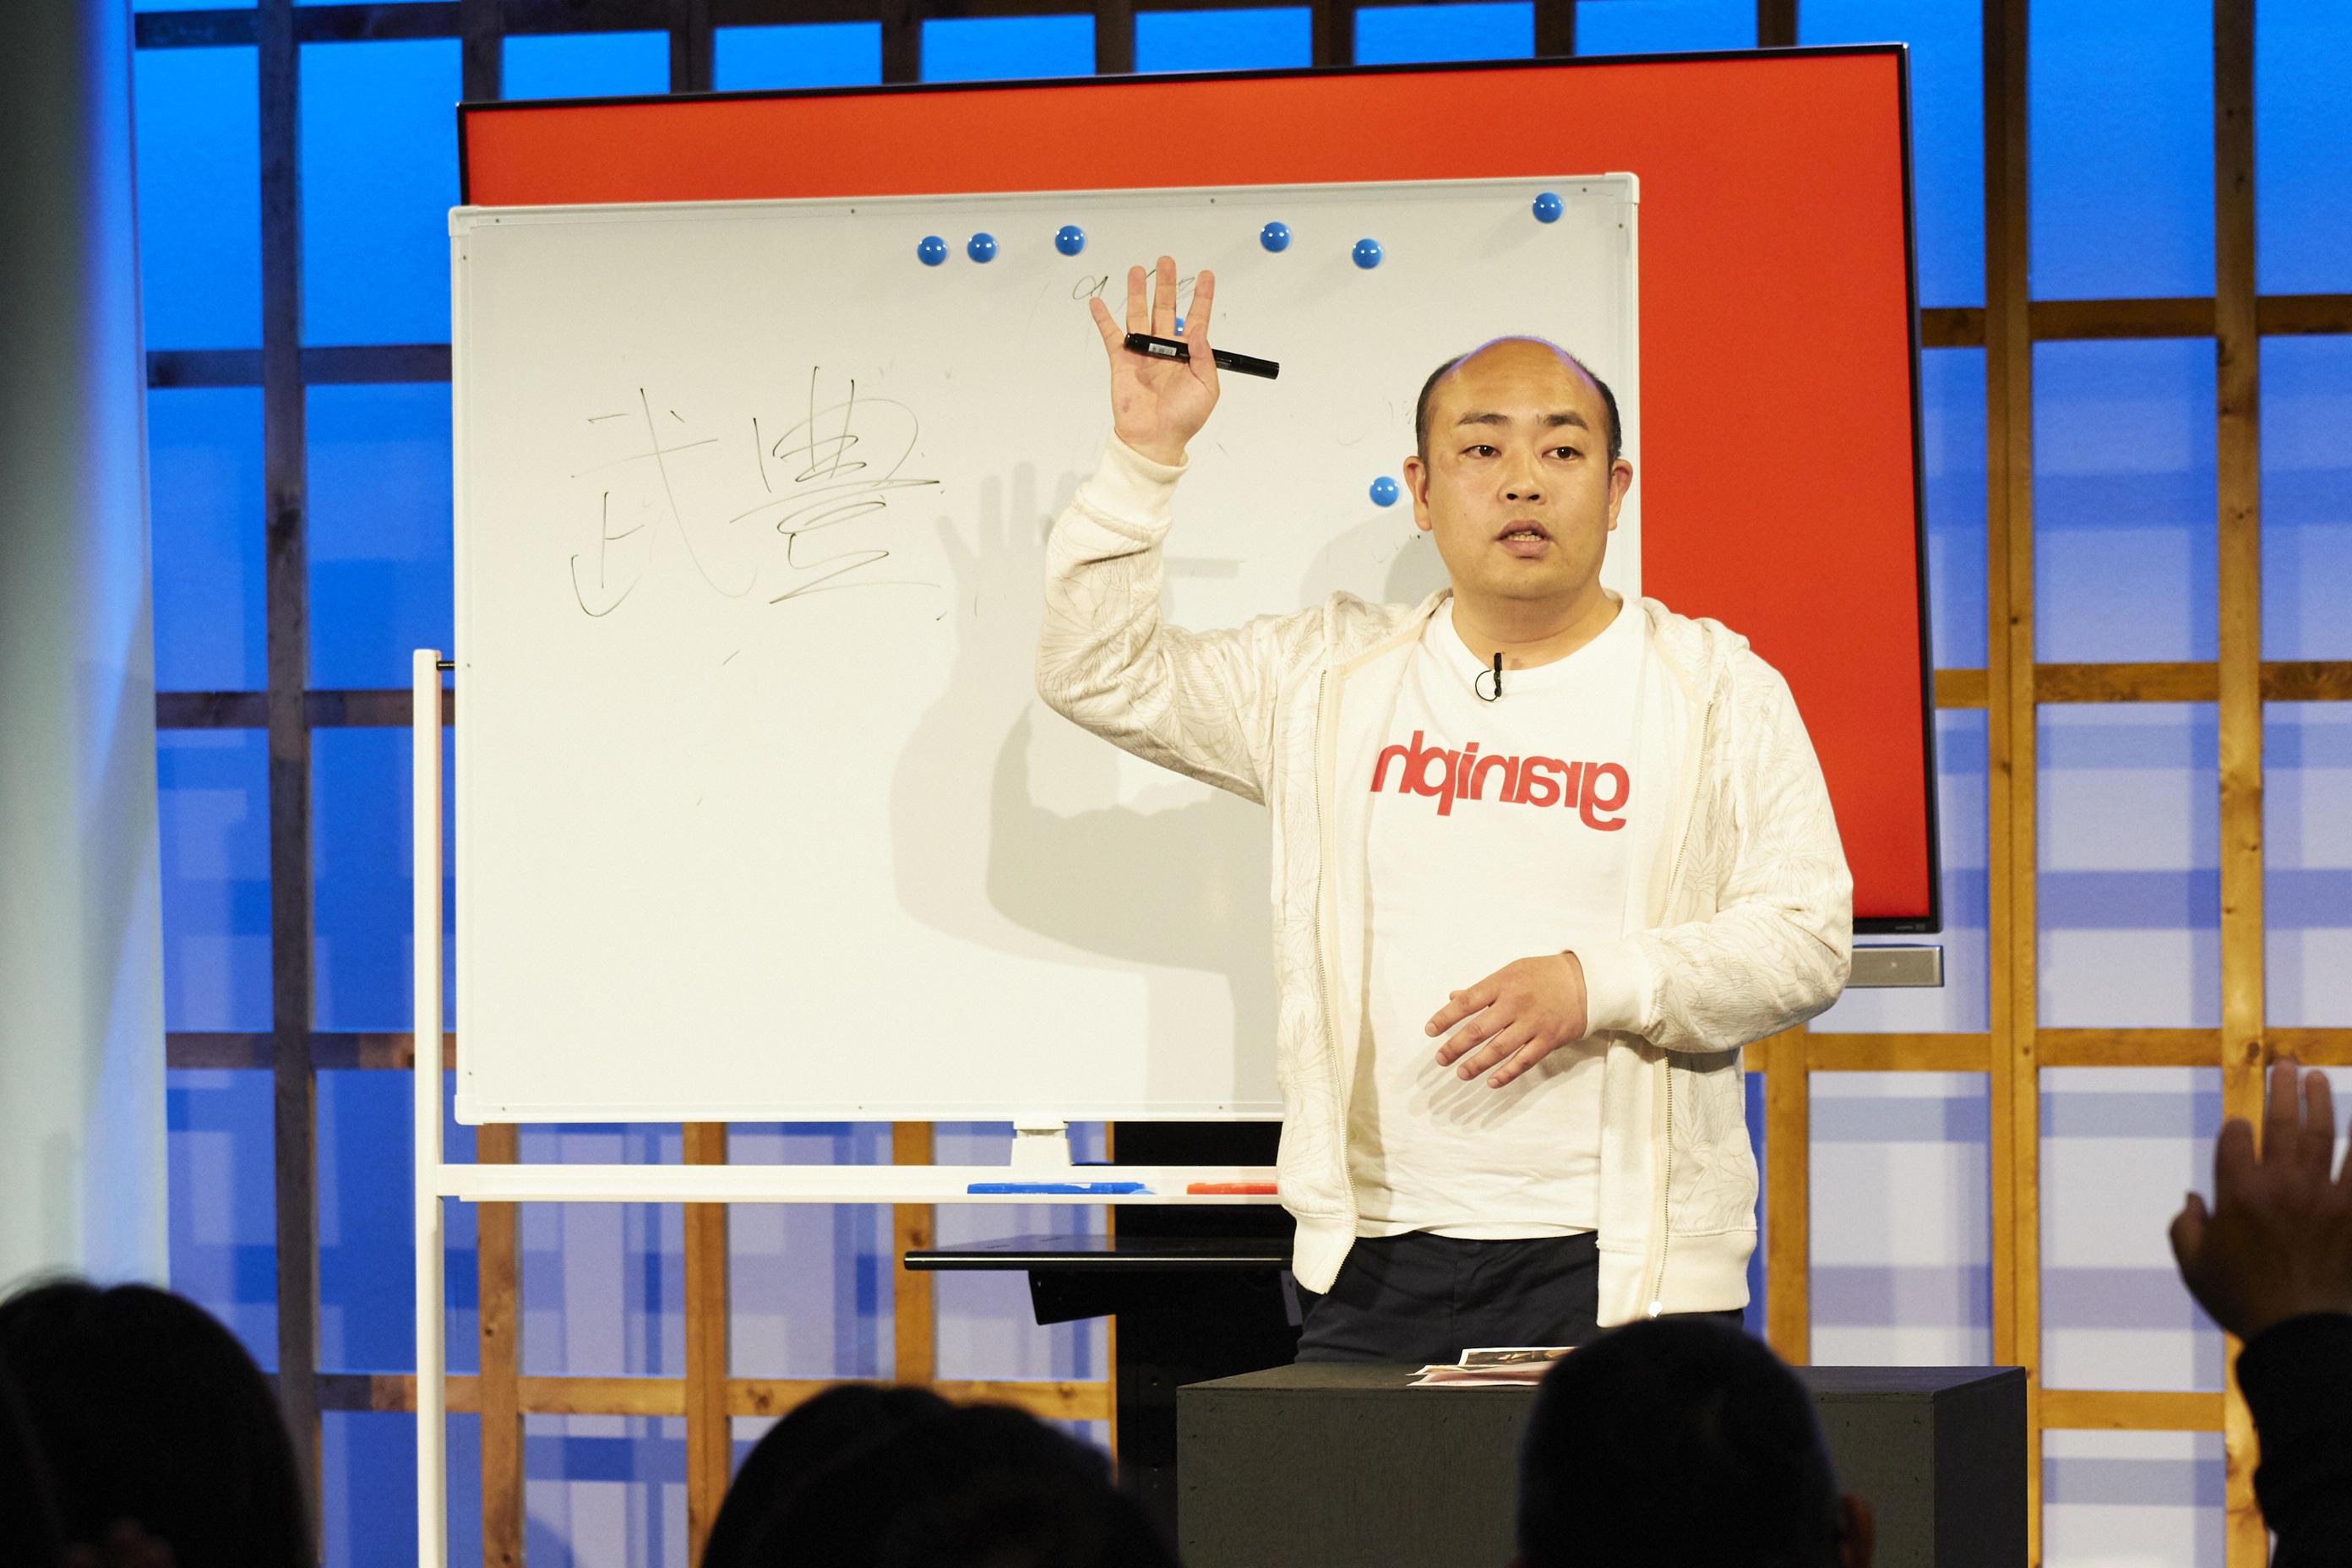 http://news.yoshimoto.co.jp/20180401100324-08727ad65dd8168c688a5875e2b9cb8eb9e9a5a8.jpg